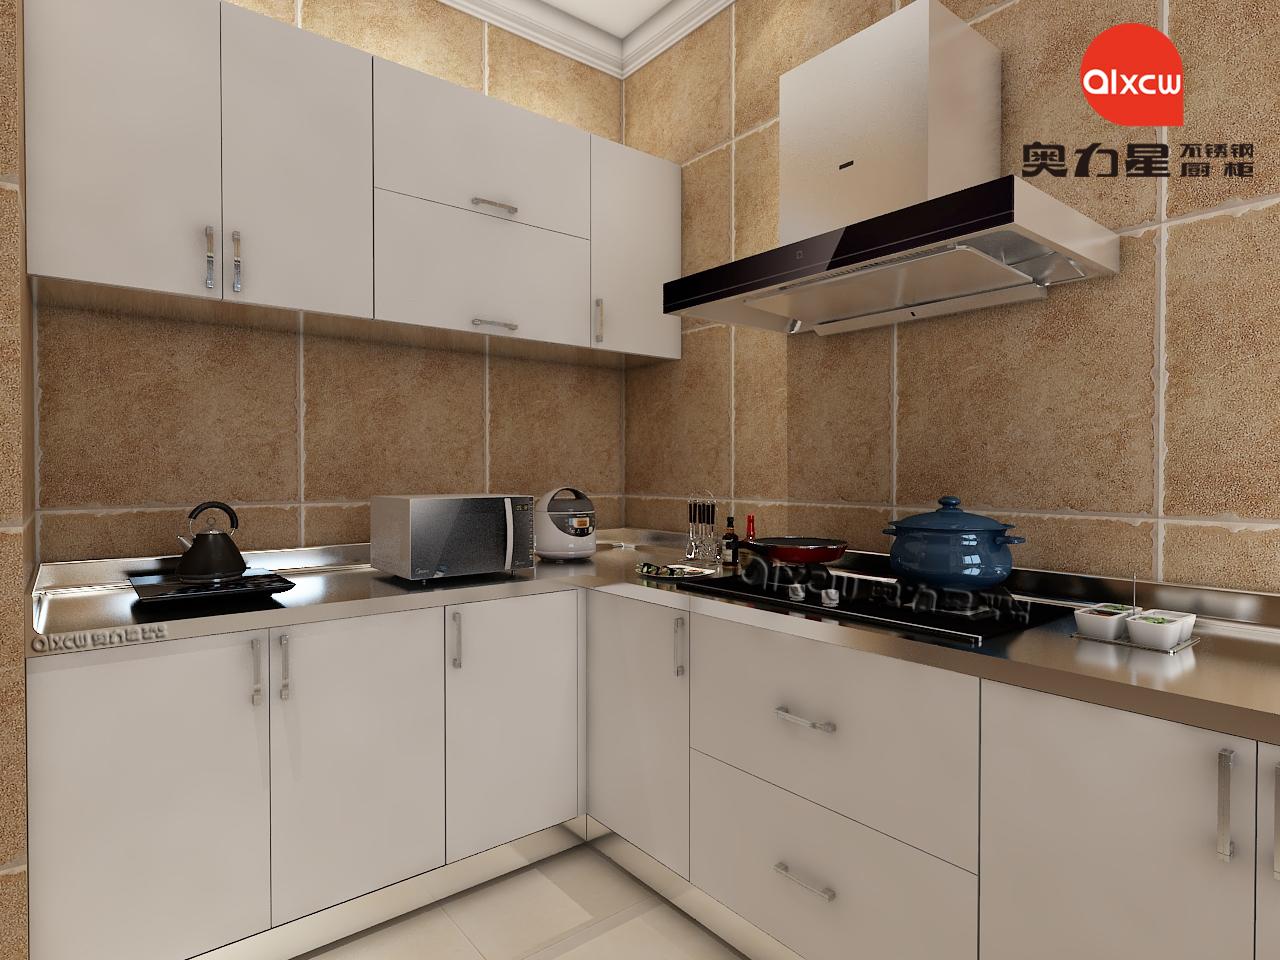 白色厨房橱柜不锈钢